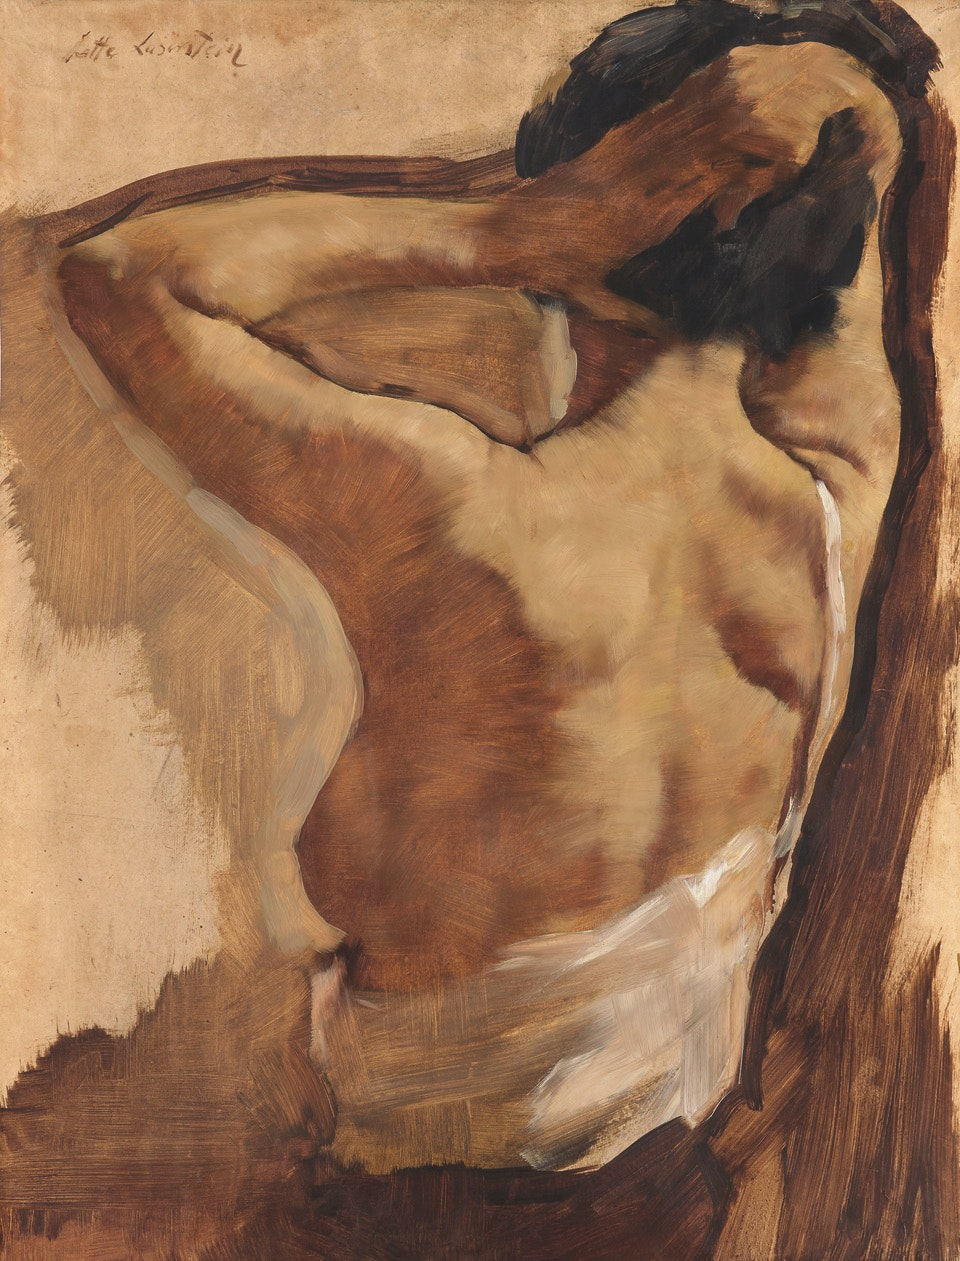 Nude israeli teens pics